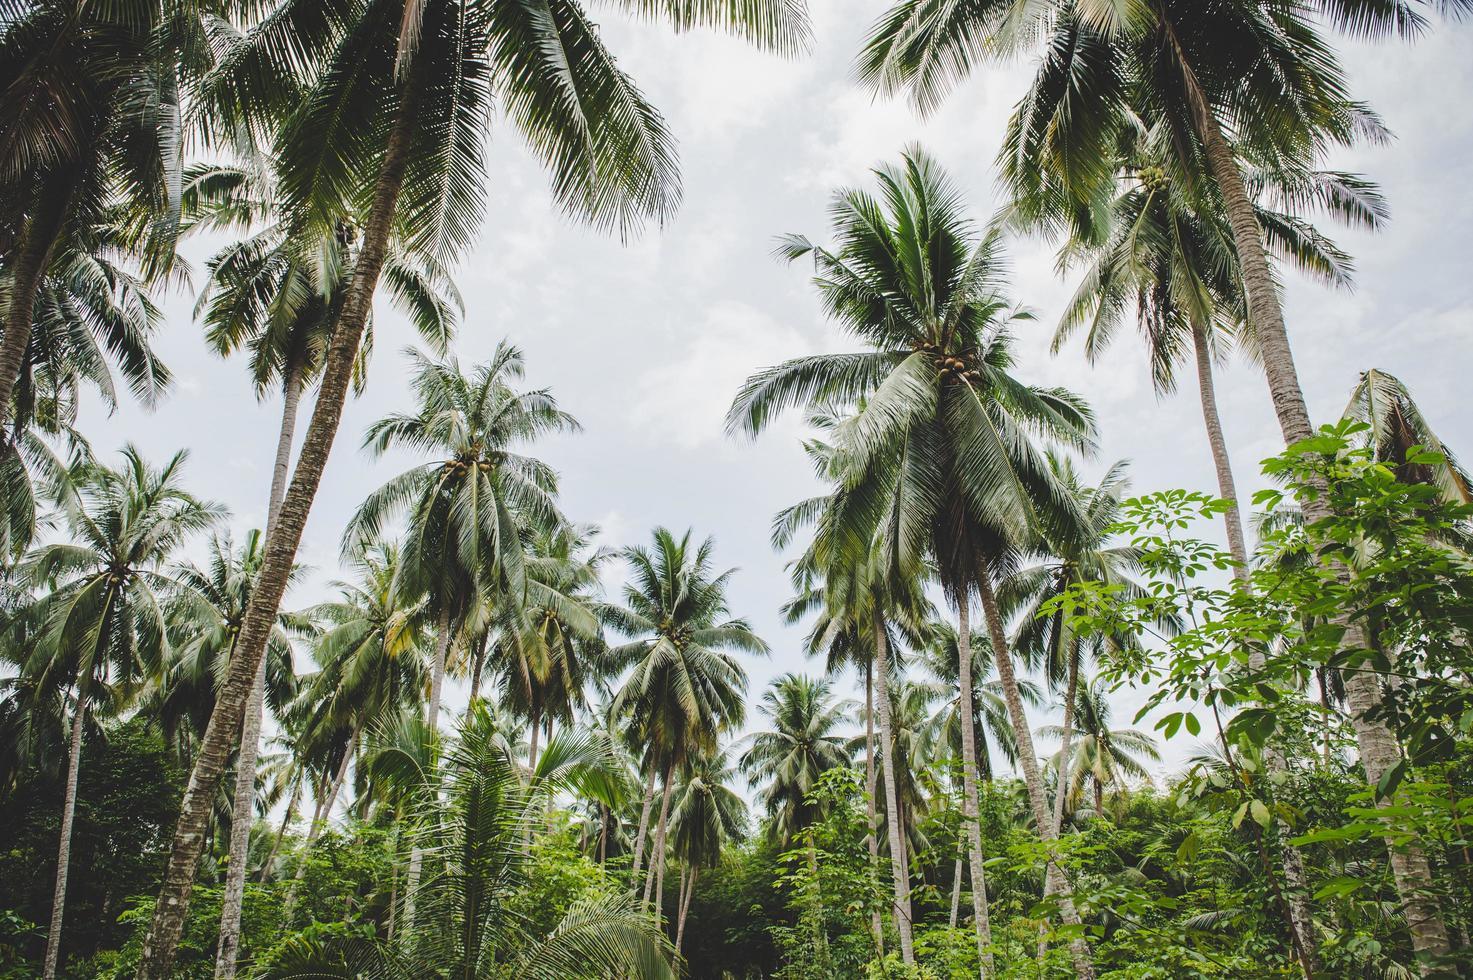 jardins de coqueiros na tailândia foto